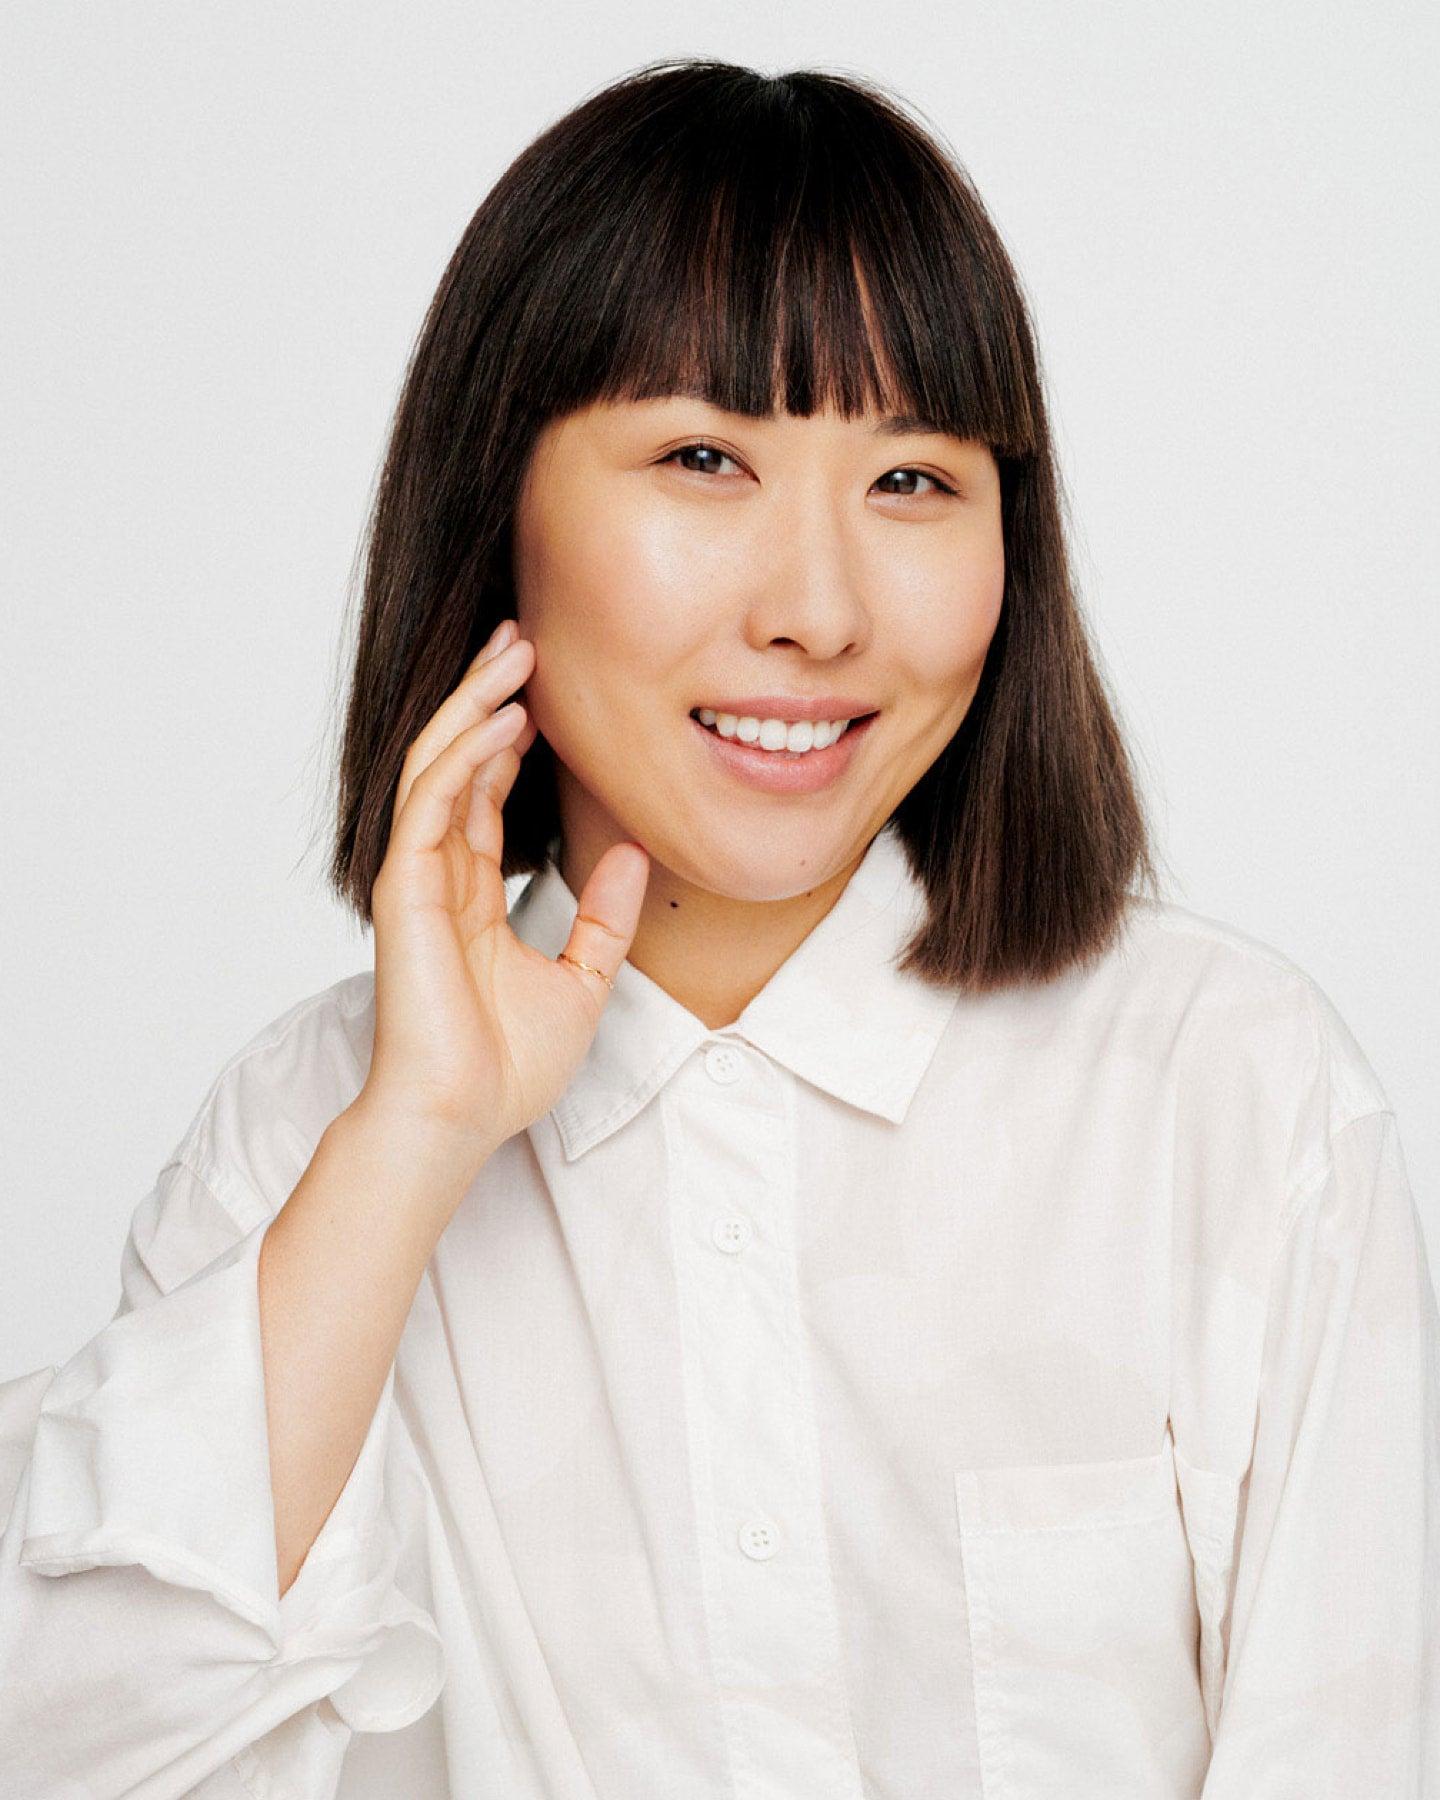 Heidi Cheng